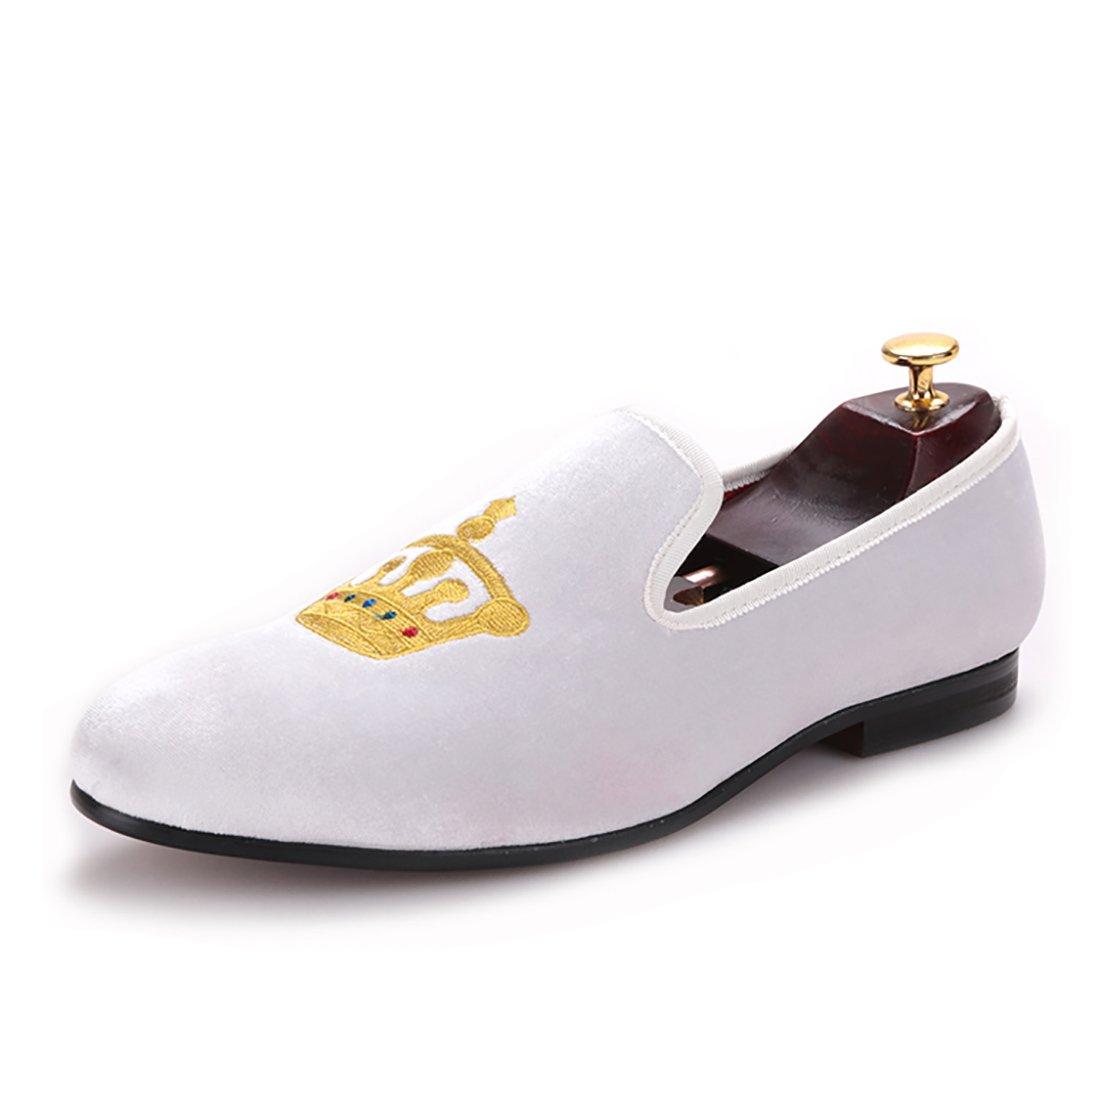 HI&HANN Men's Embroidered Velvet Loafer Shoes Slip-On Loafer Round Toes Smoking Slipper-10-White